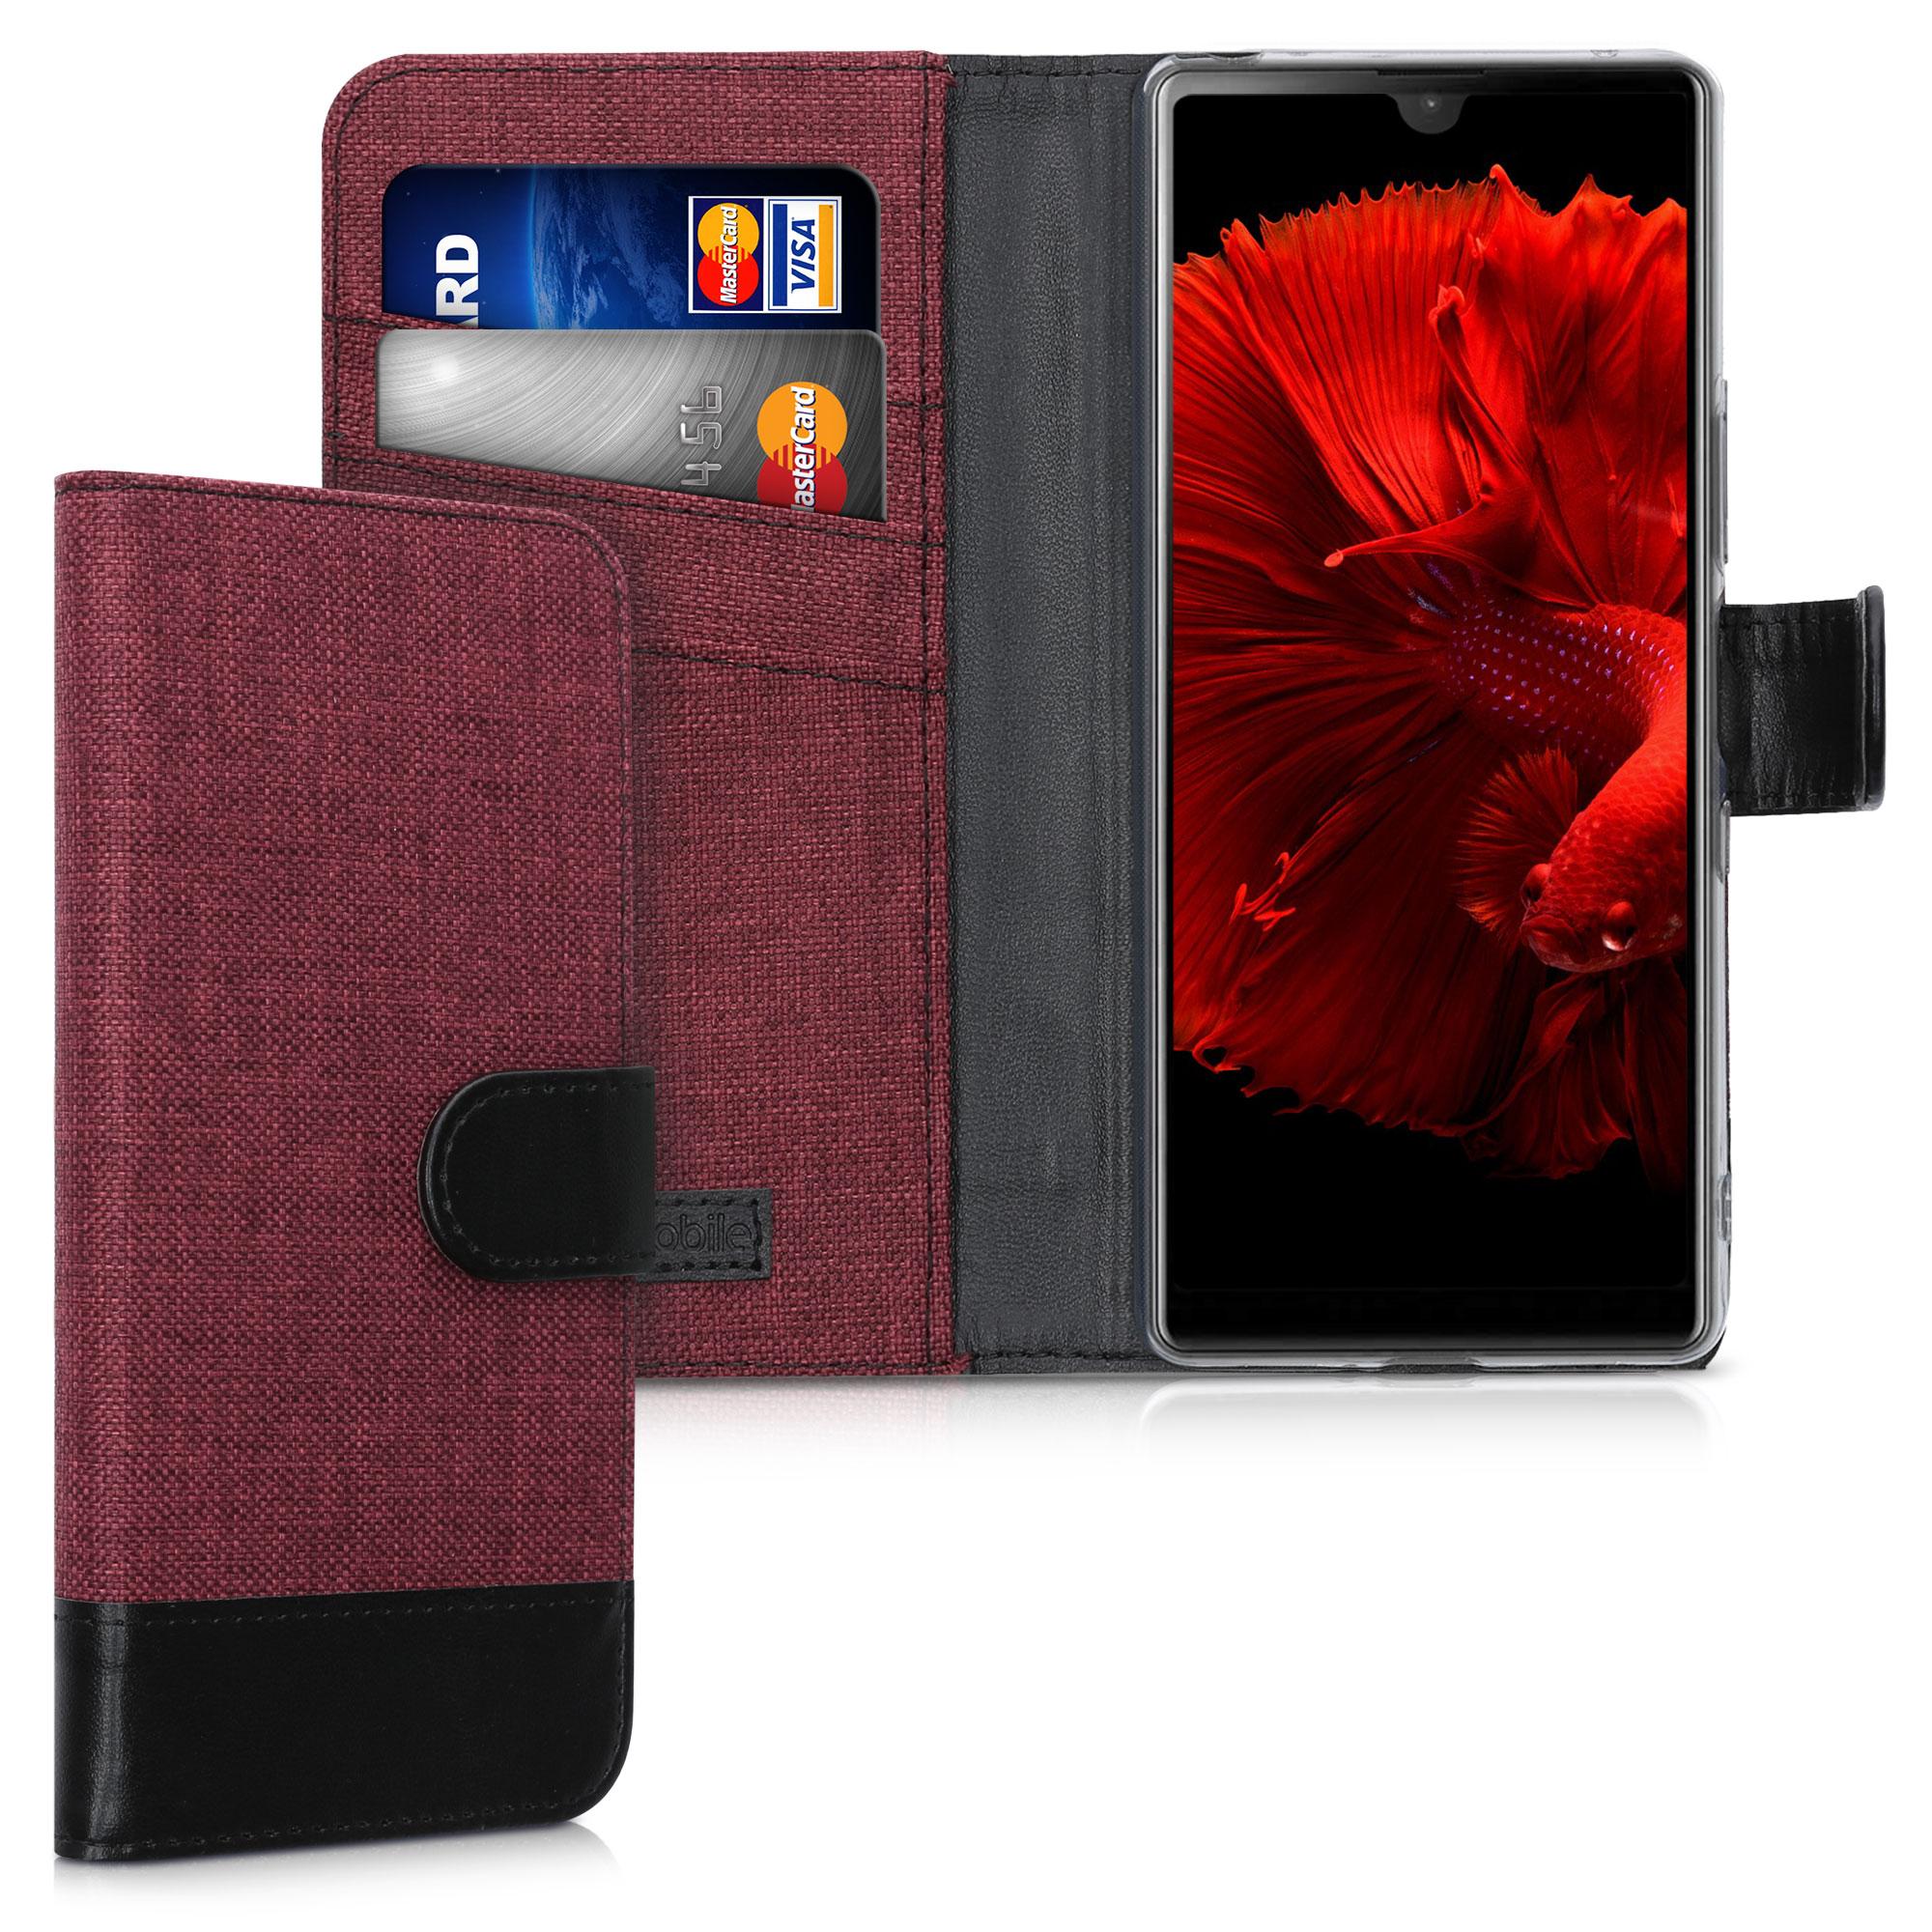 Textilní látkové pouzdro | obal pro Sony Xperia L4 - tmavé červené / černé